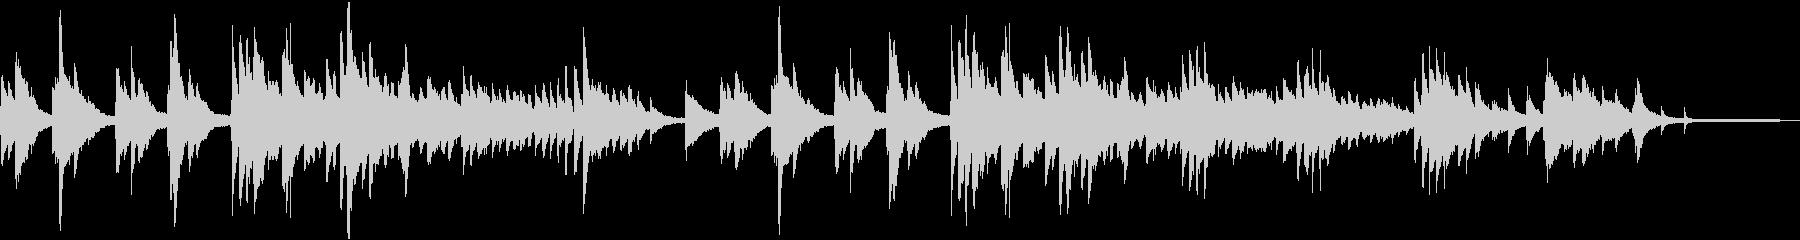 ジブリ風の幻想的なピアノバラードの未再生の波形